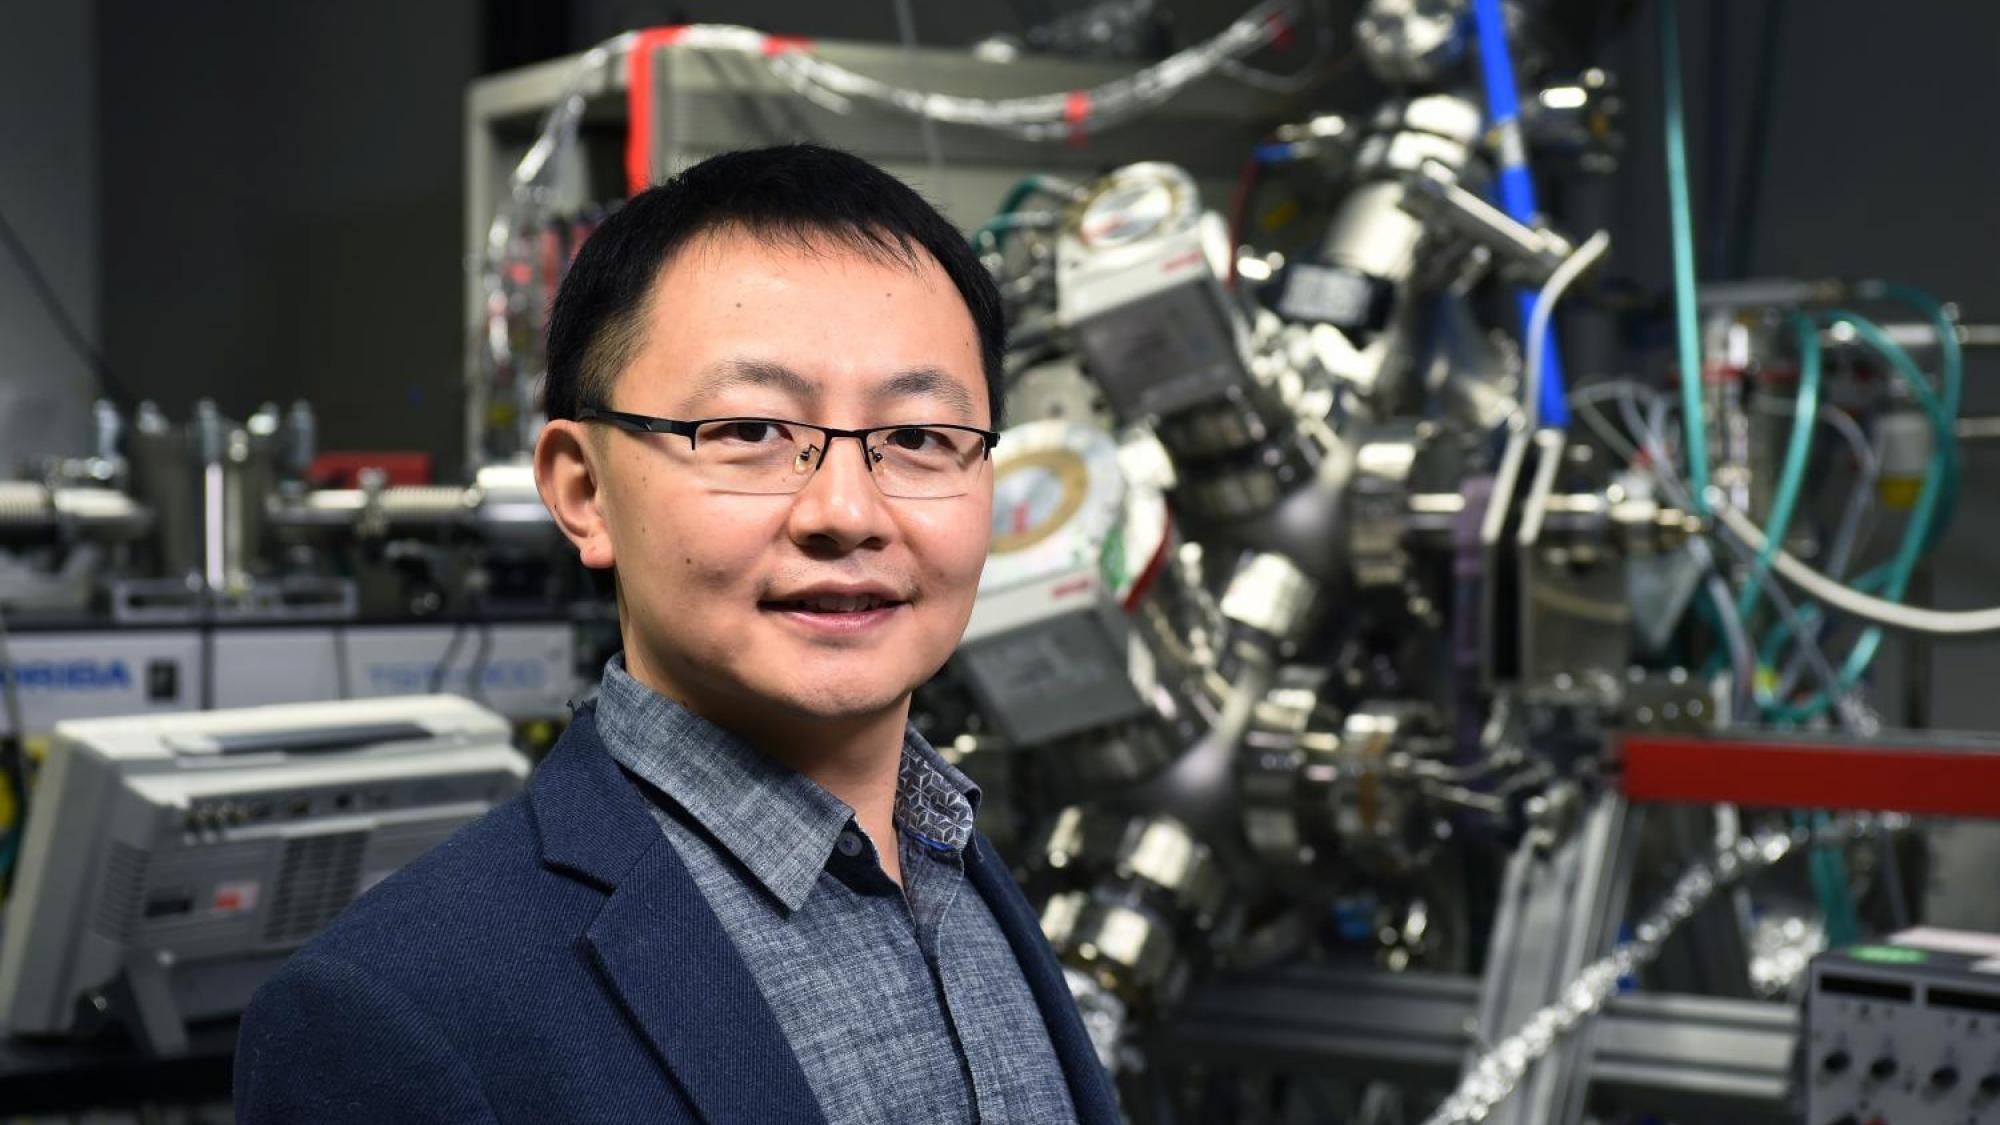 Associate Professor Wei Cao standing in front of lab equipment